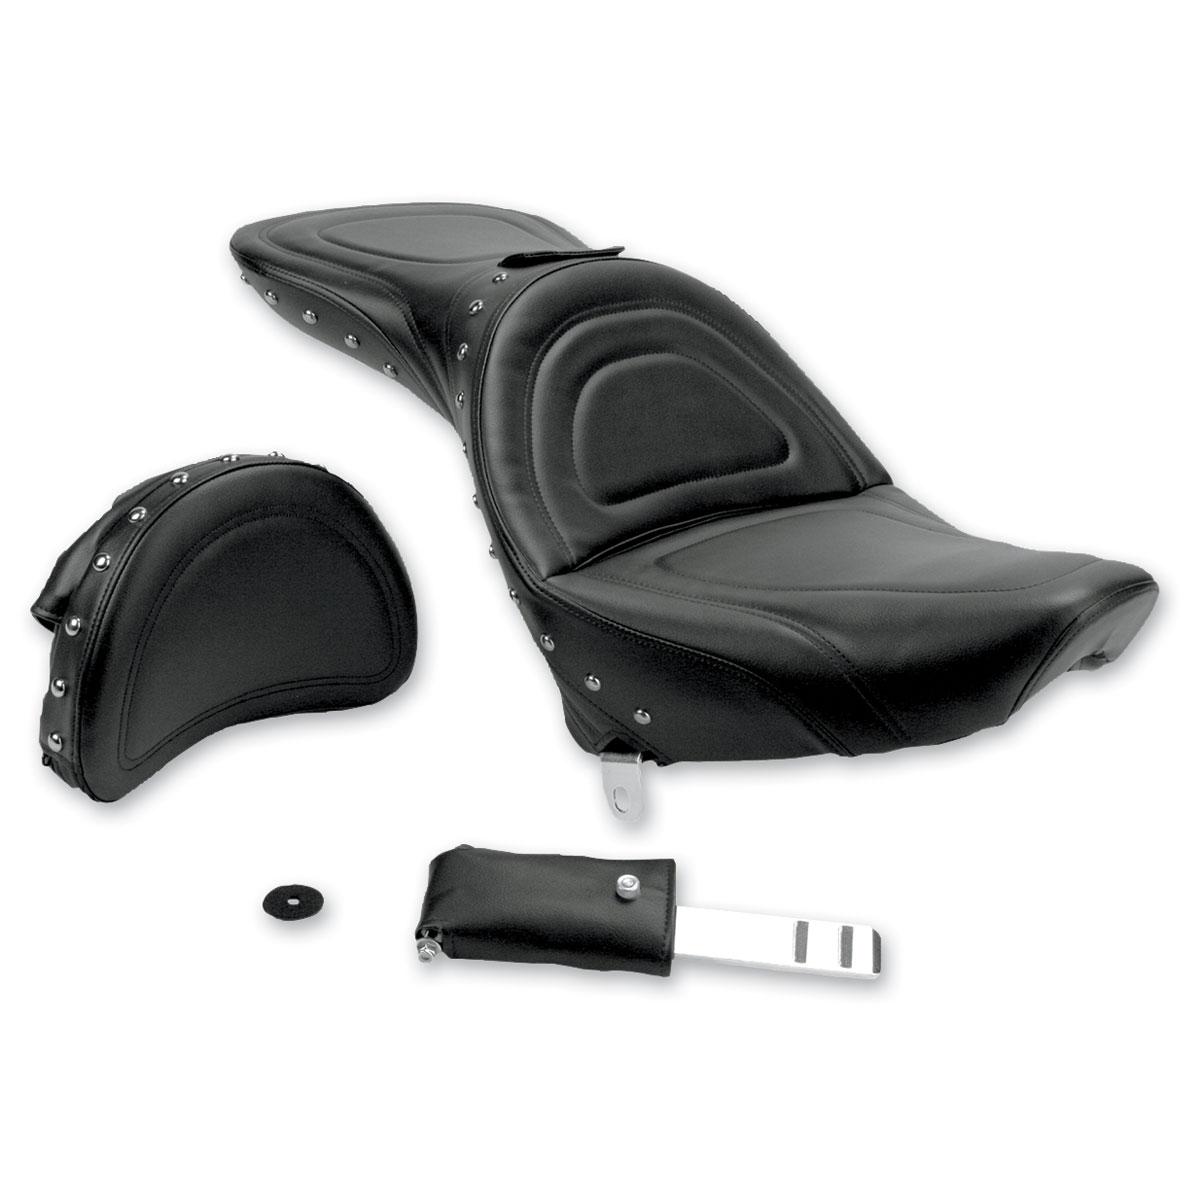 Saddlemen Explorer Special Studded Seat with Driver Backrest